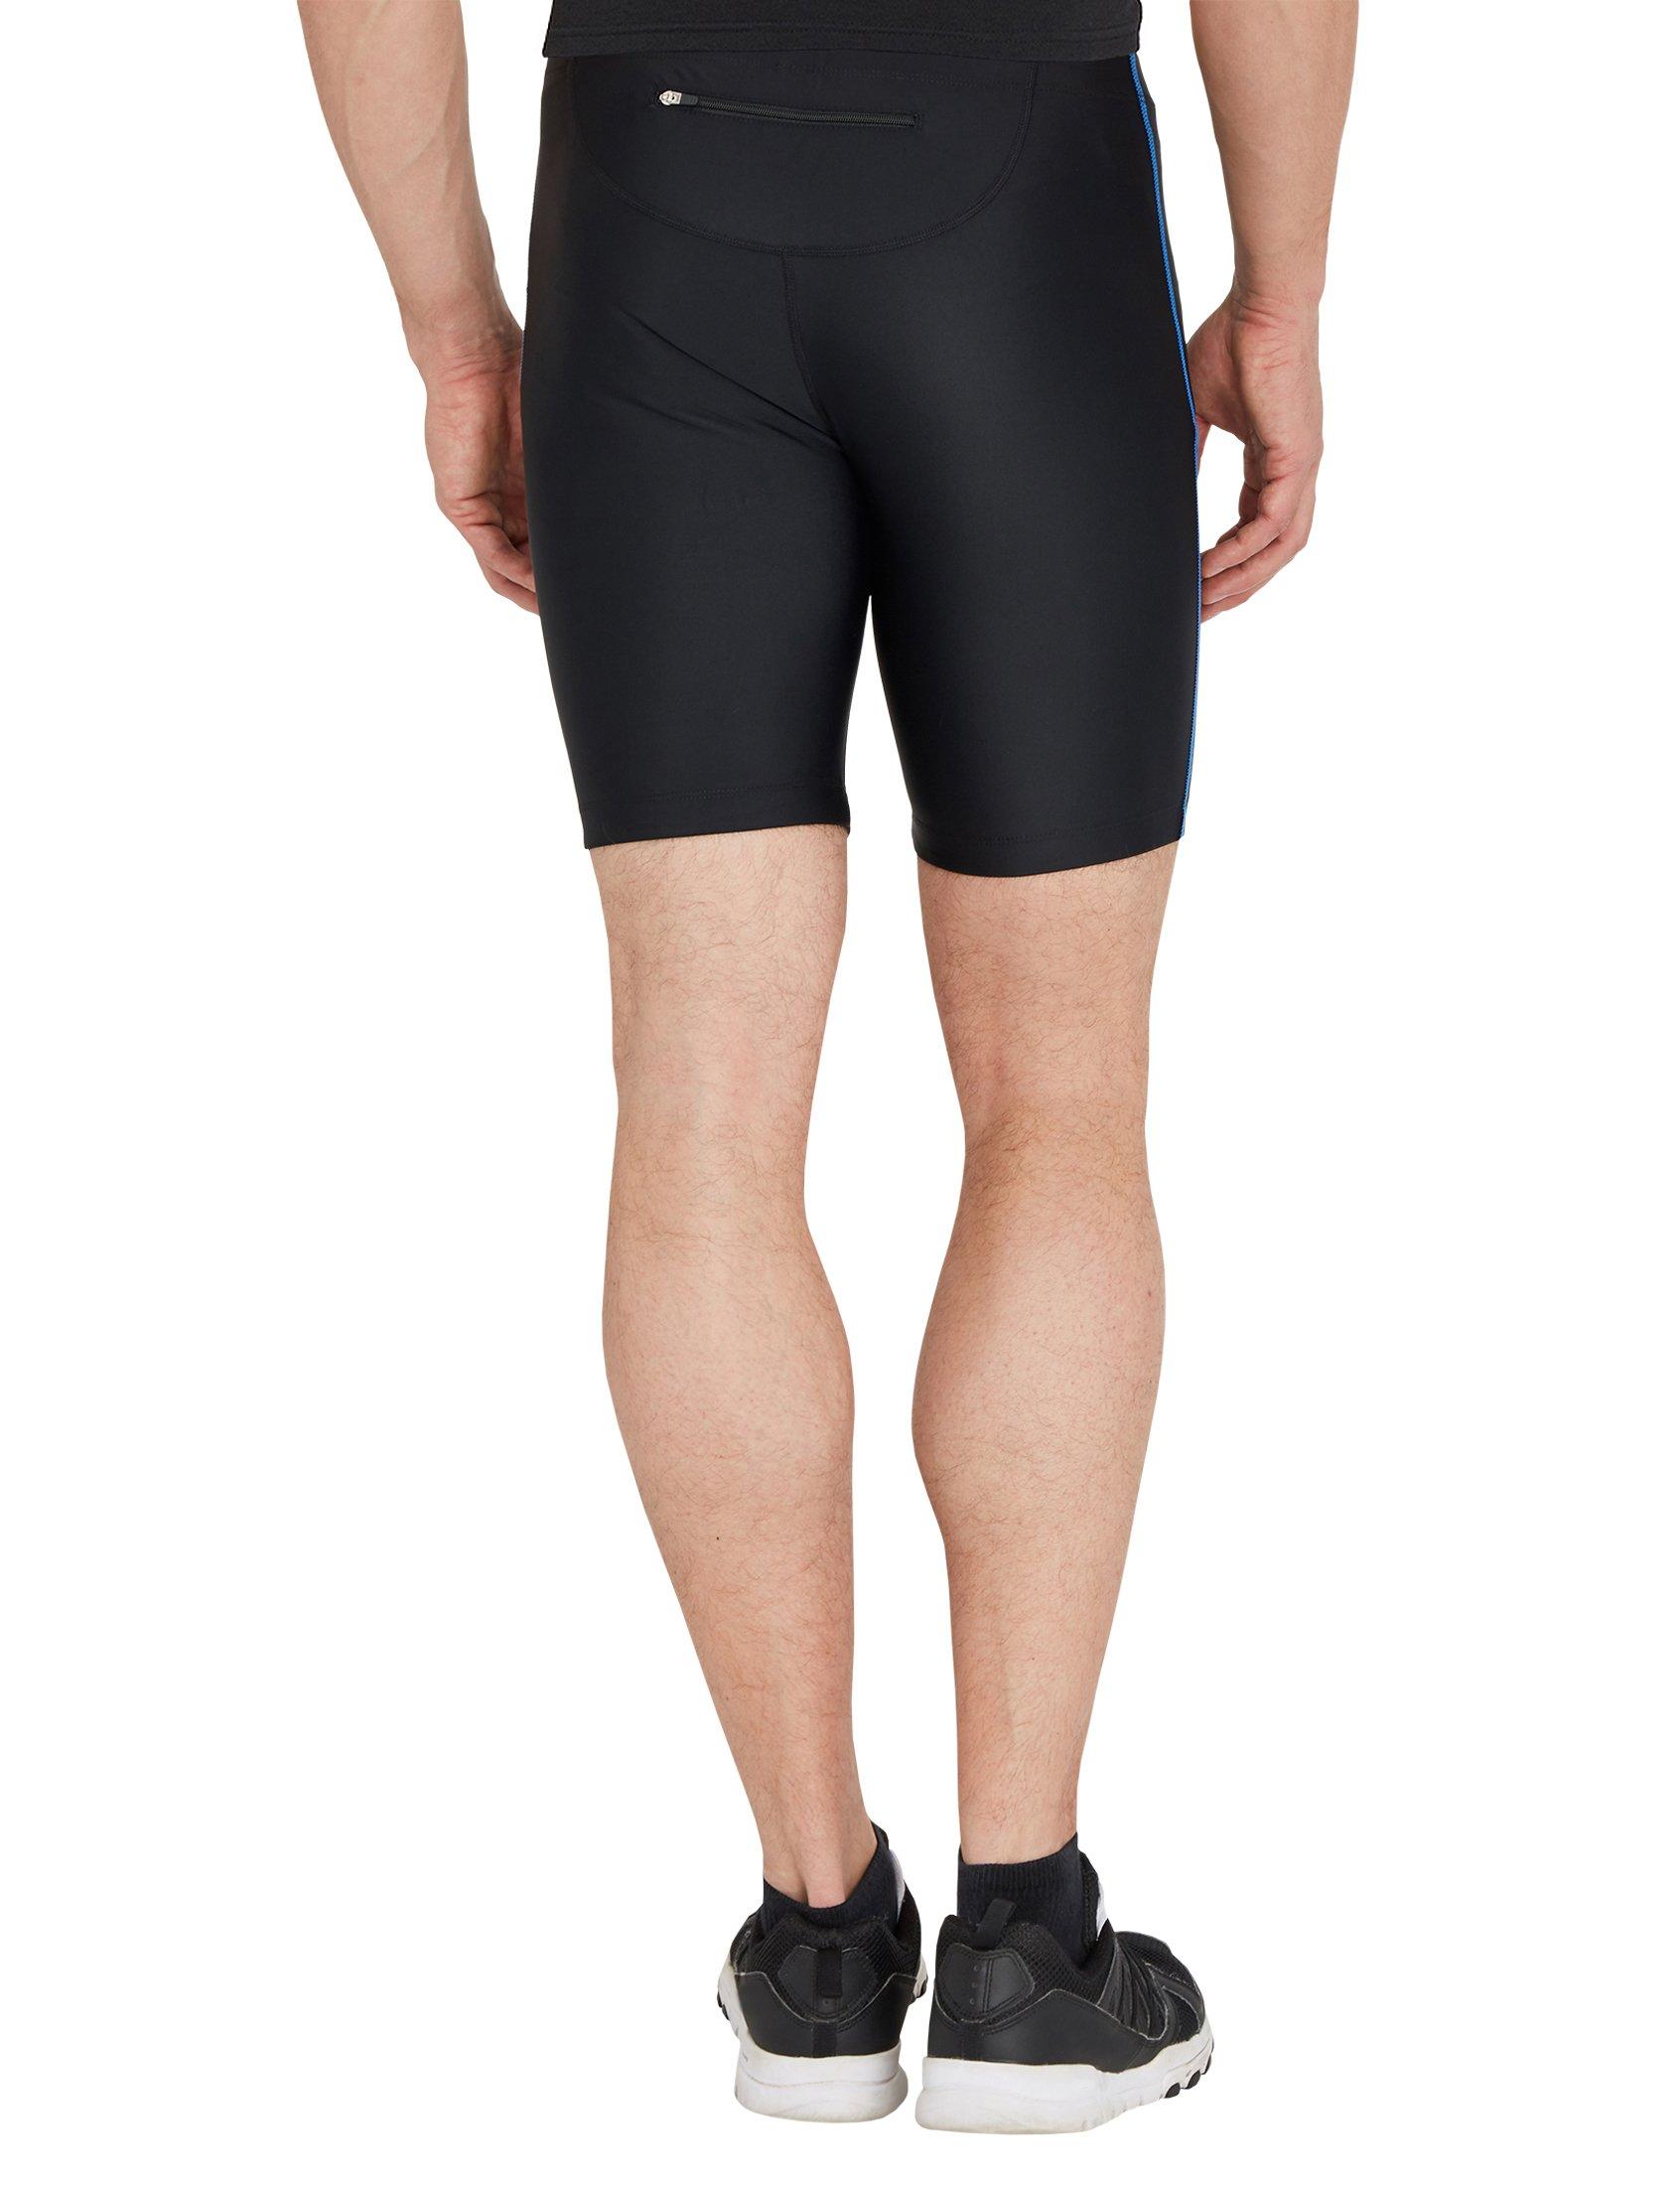 Fonction Ultrasport Quick Short Un Hommes Dry Pantalon Fonctionnel Fitness Une Pour De Sport HommesCourt Rapide Avec Séchage WdCBrxeo